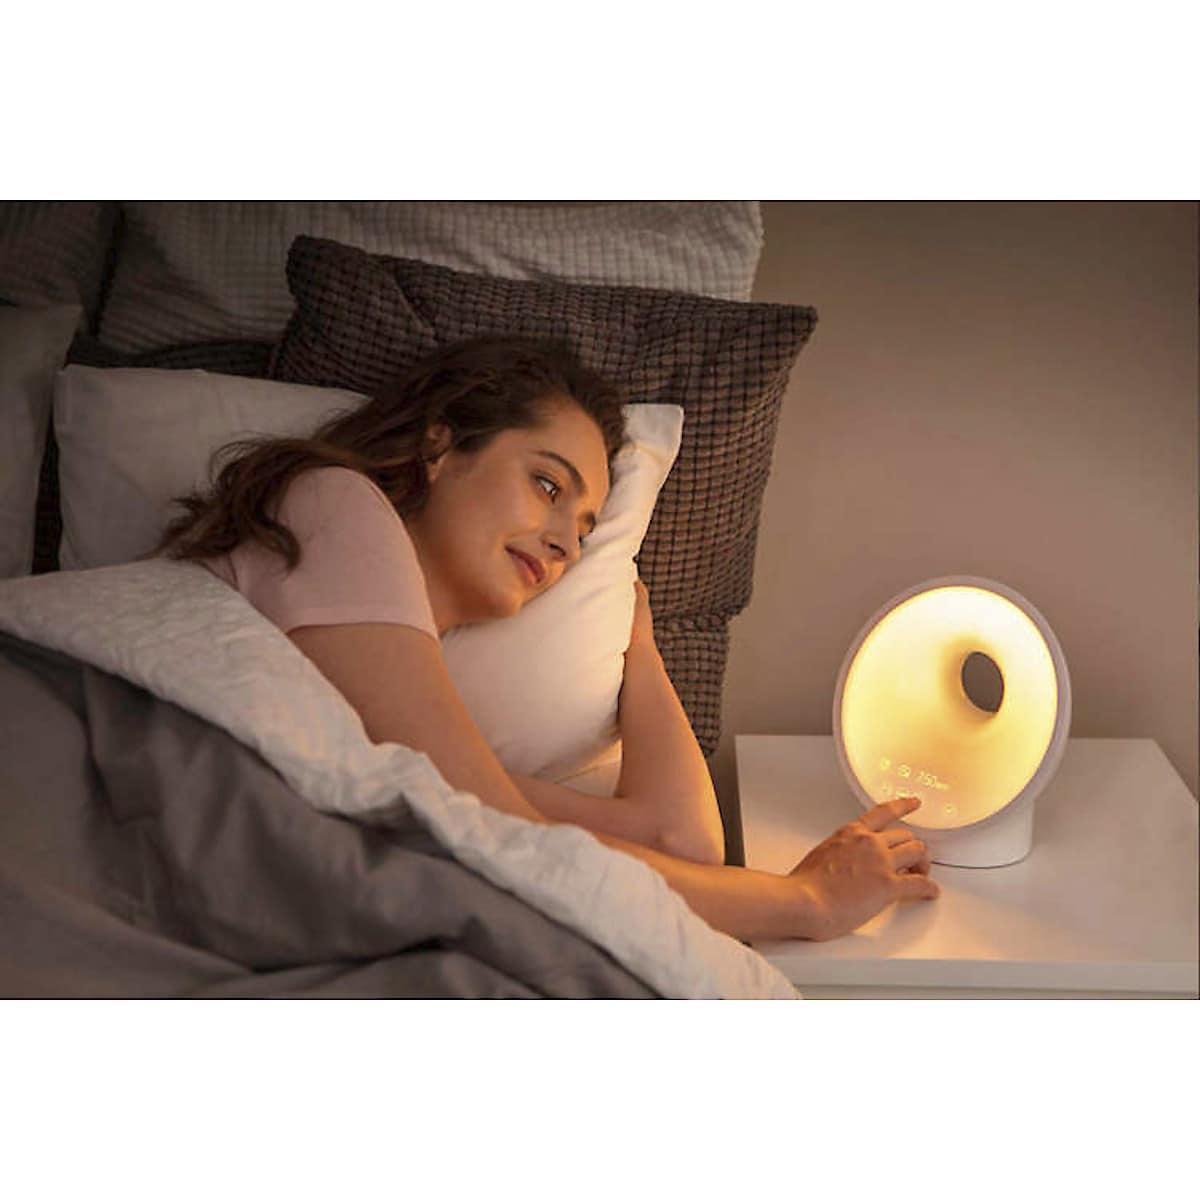 Philips HF3651 Wake-up light